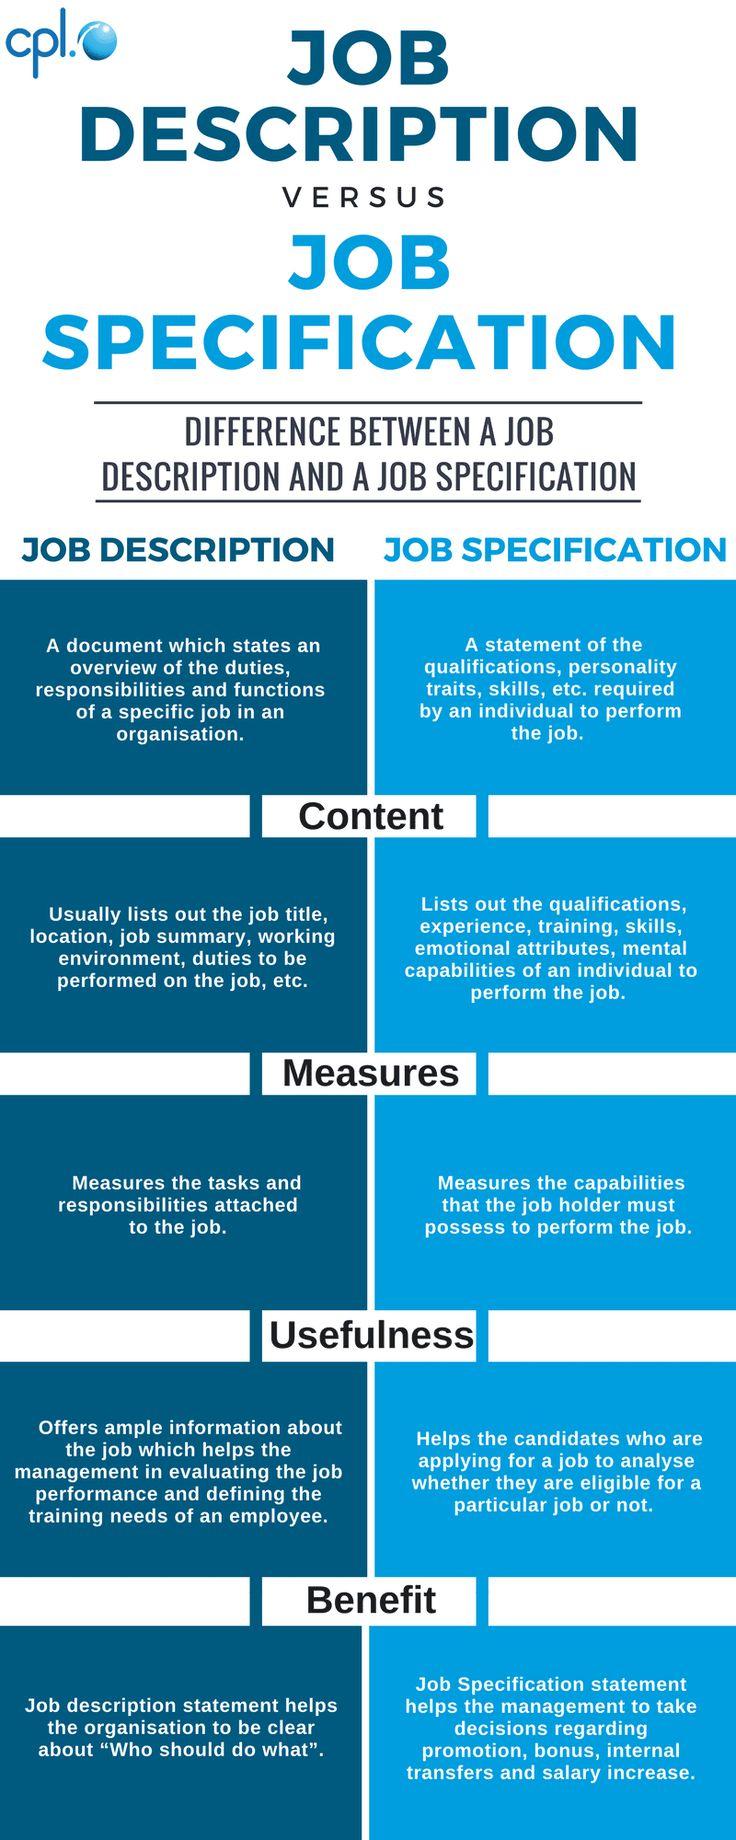 4 differences between a job description and a job